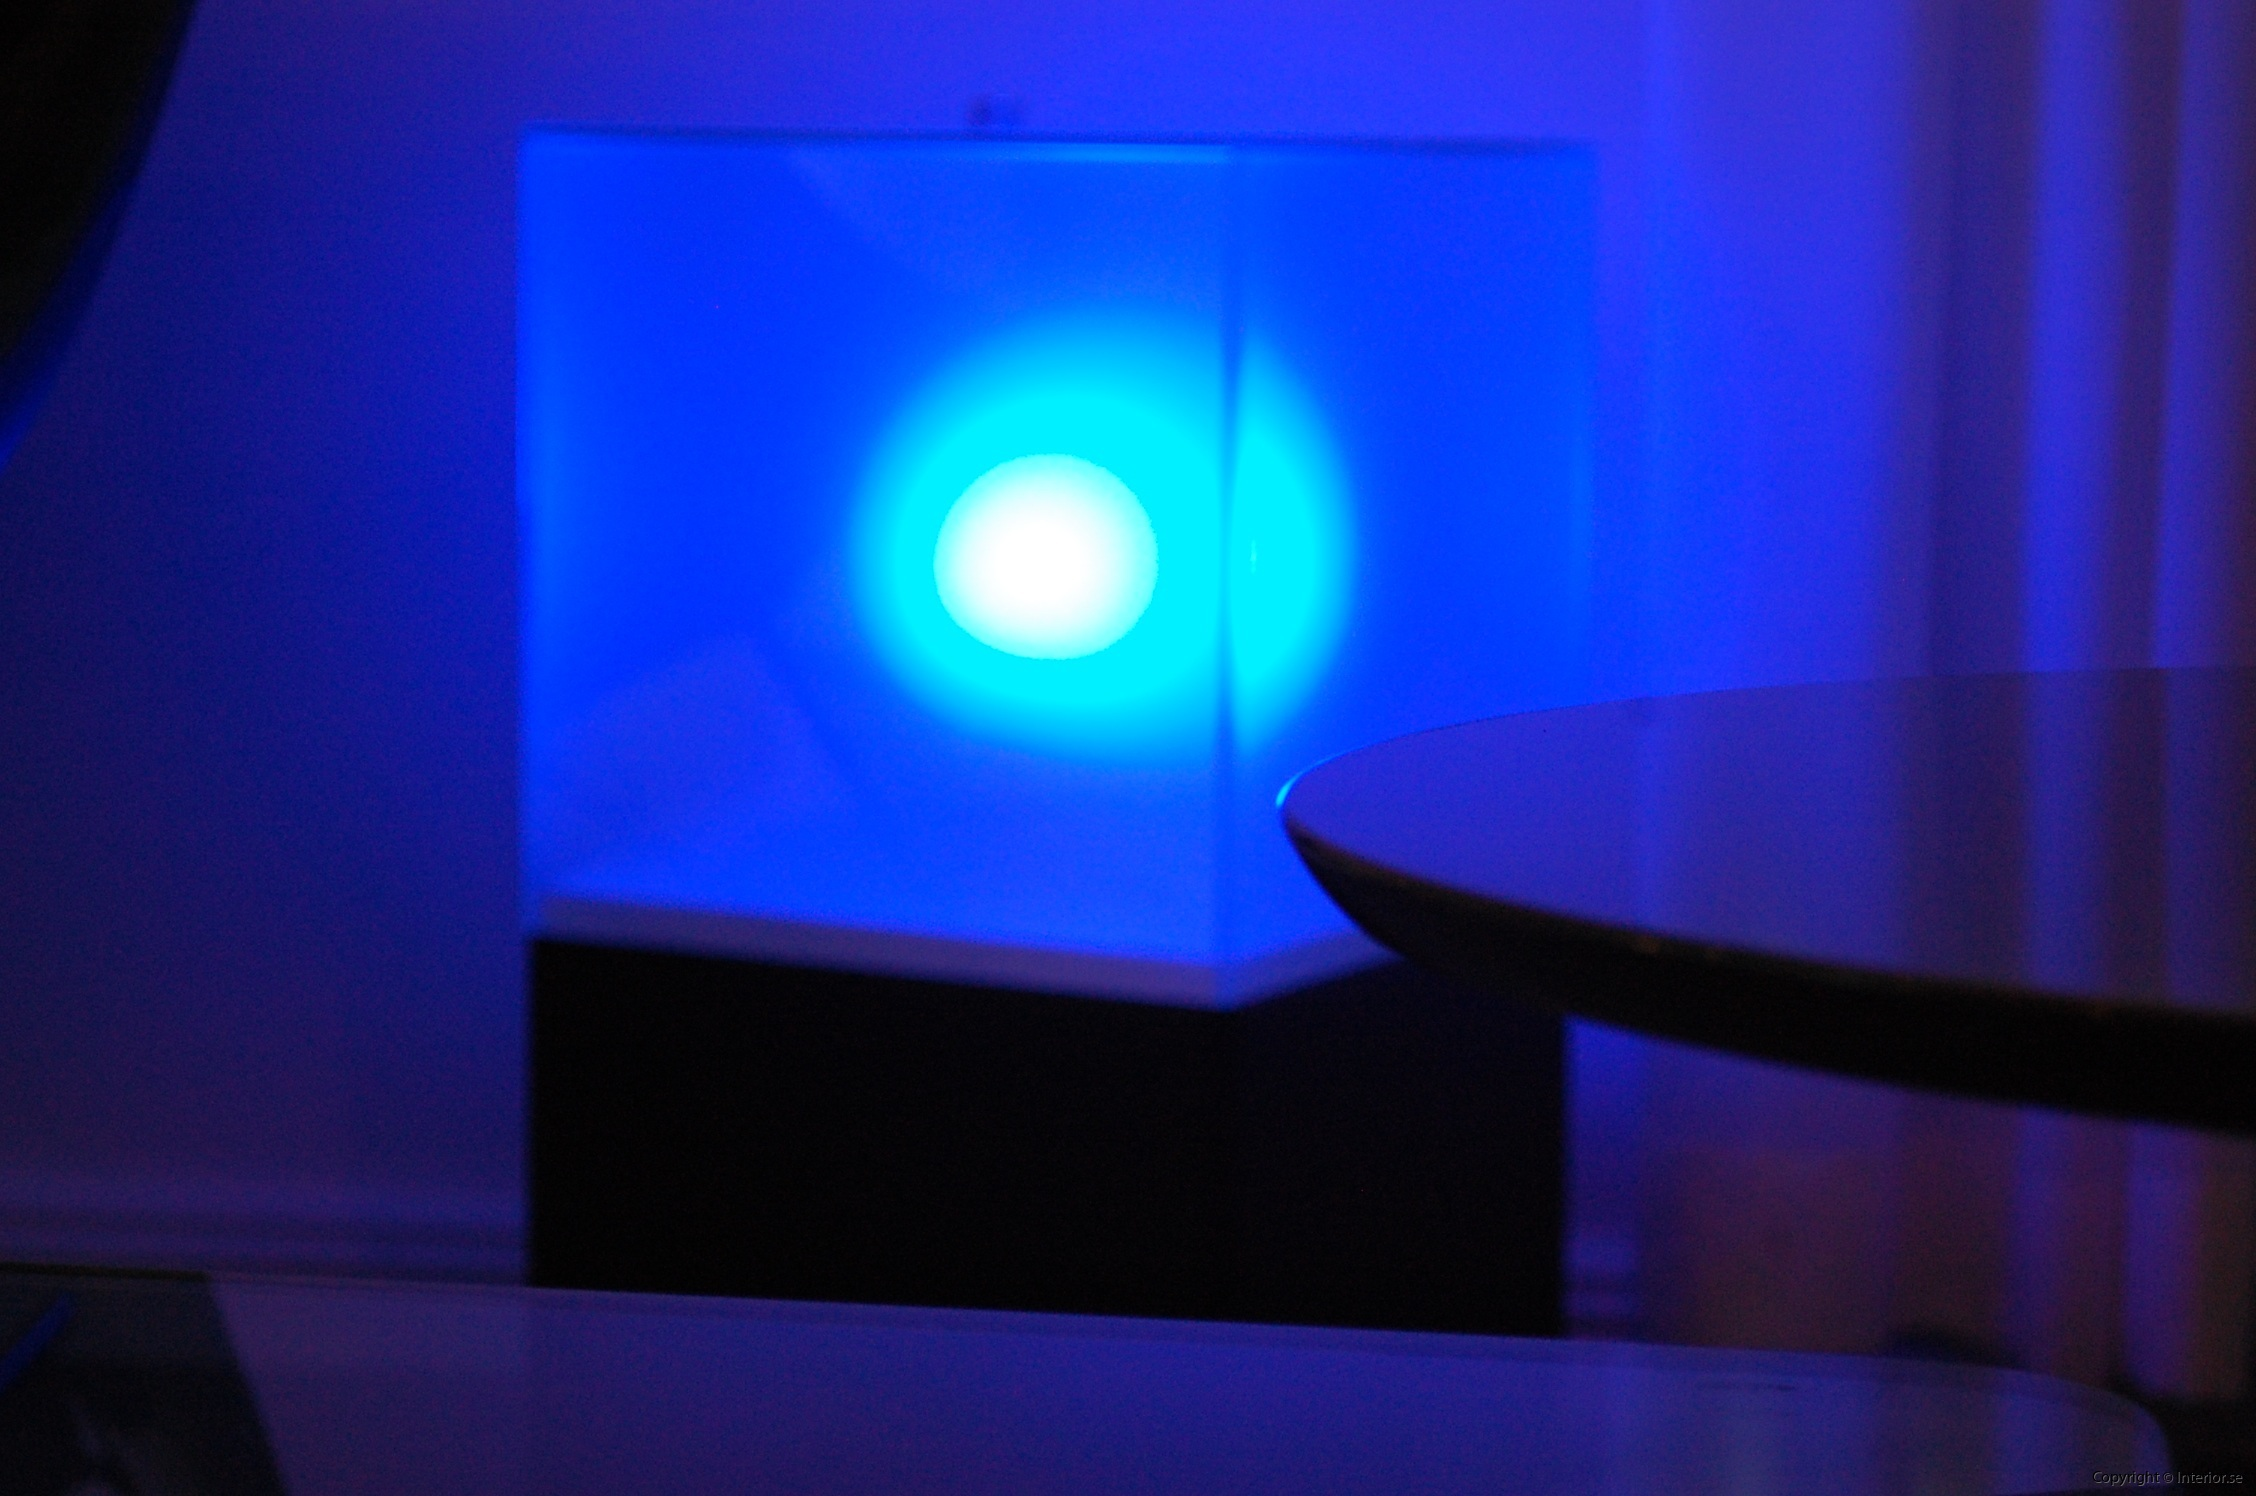 Ljuslådor m. frostat glas - RGB LED lampa + fjärrkontroll LightBox (3)